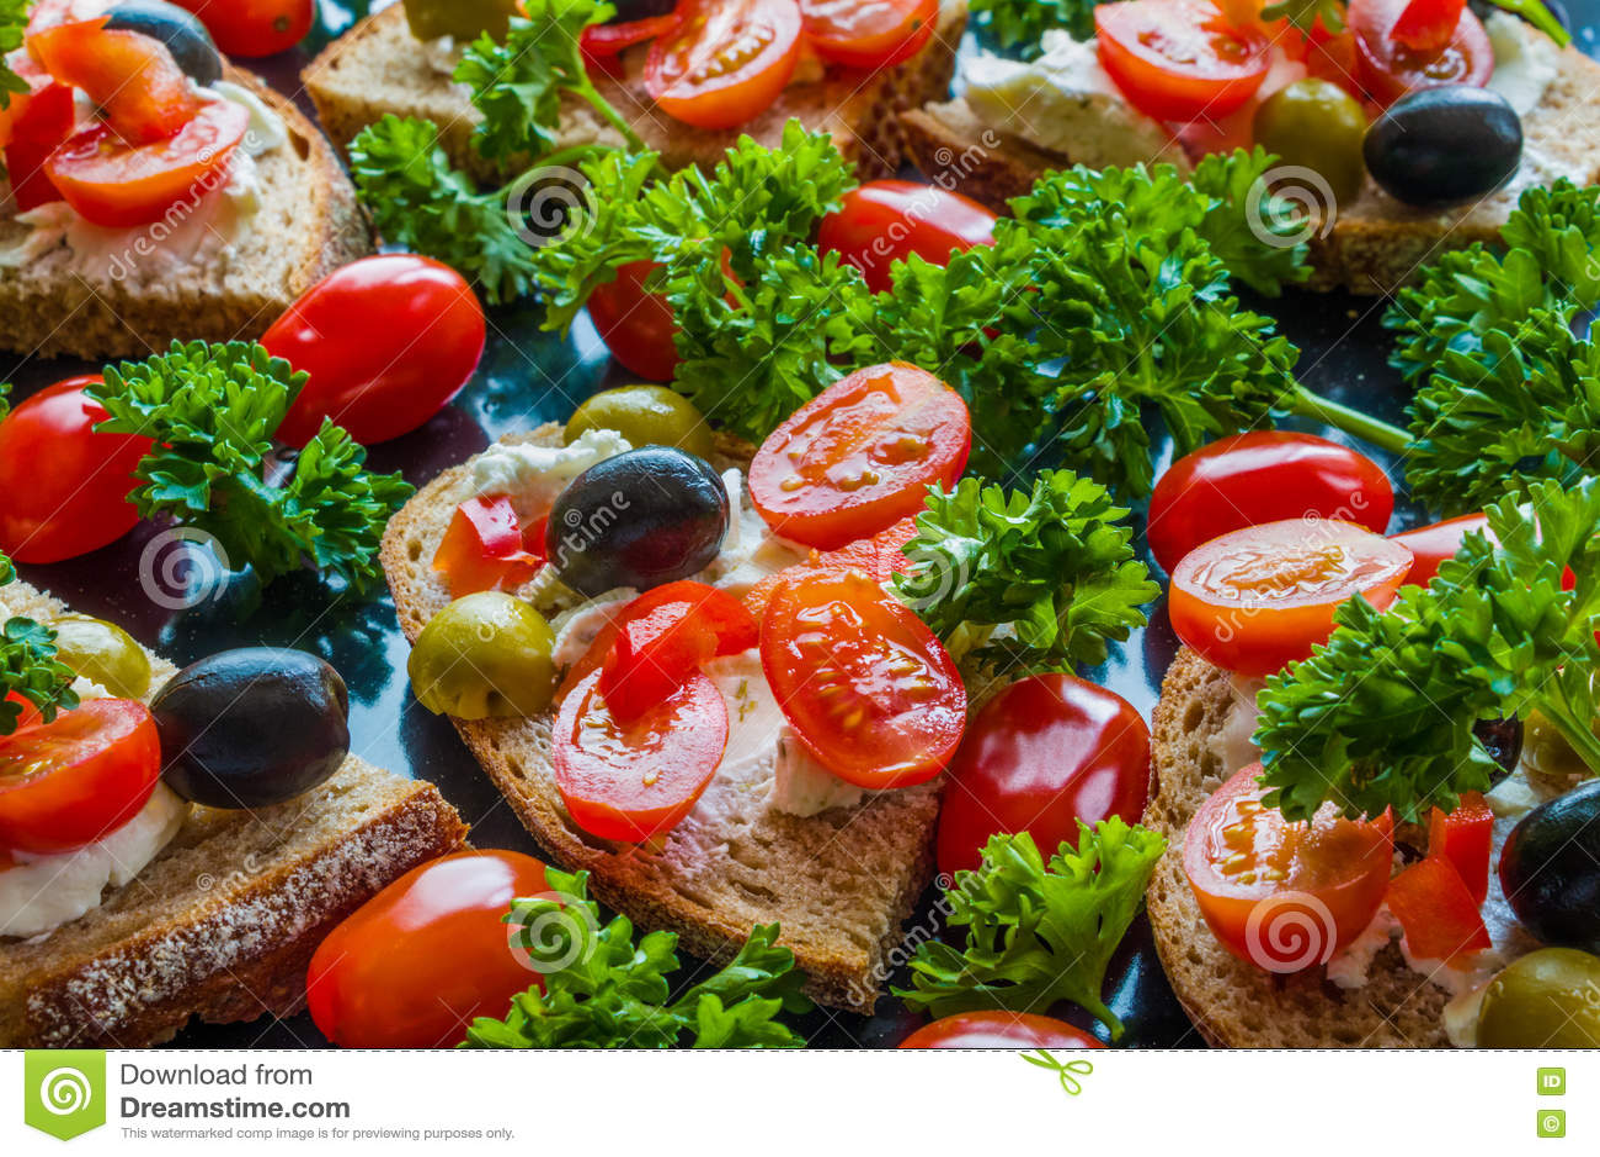 Red Pepper and Feta Bruschetta Recipe